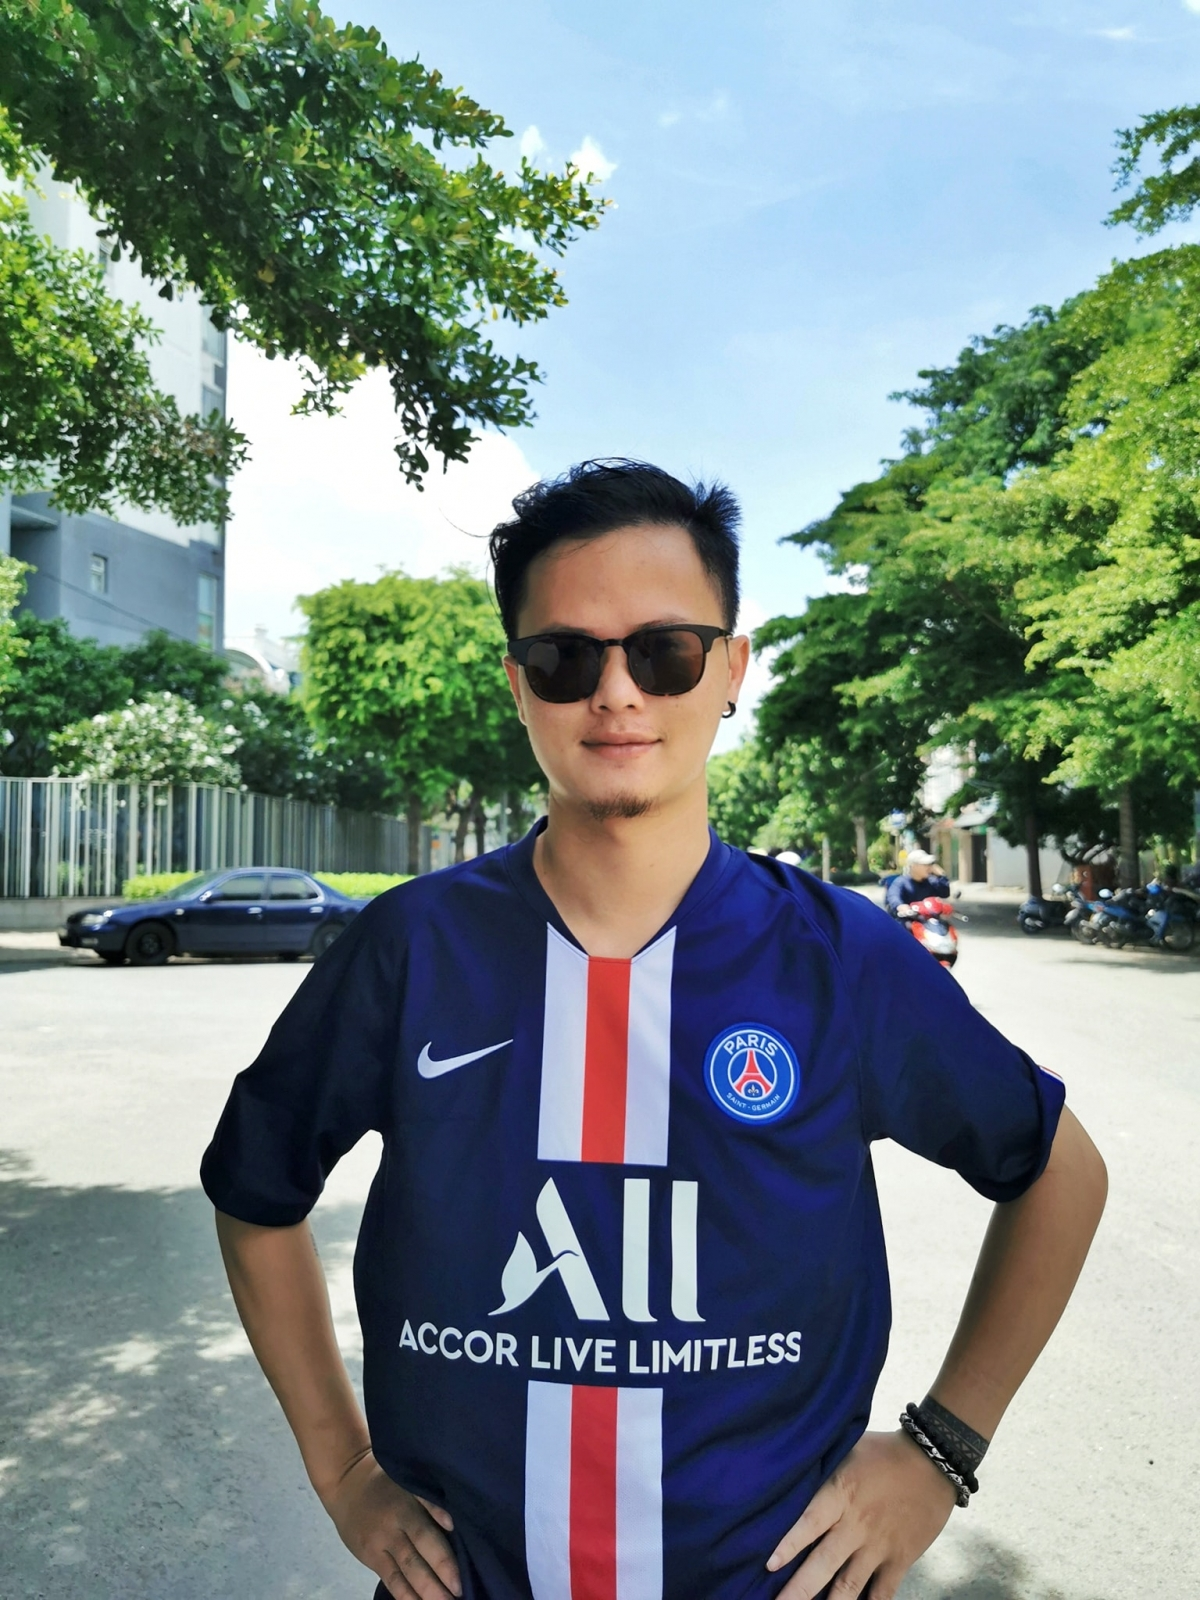 Họa sĩ Bùi Đình Thăng, chuyên gia truyền thông trên mạng xã hội, sở hữu trang Facebook Thăng Fly Comic.